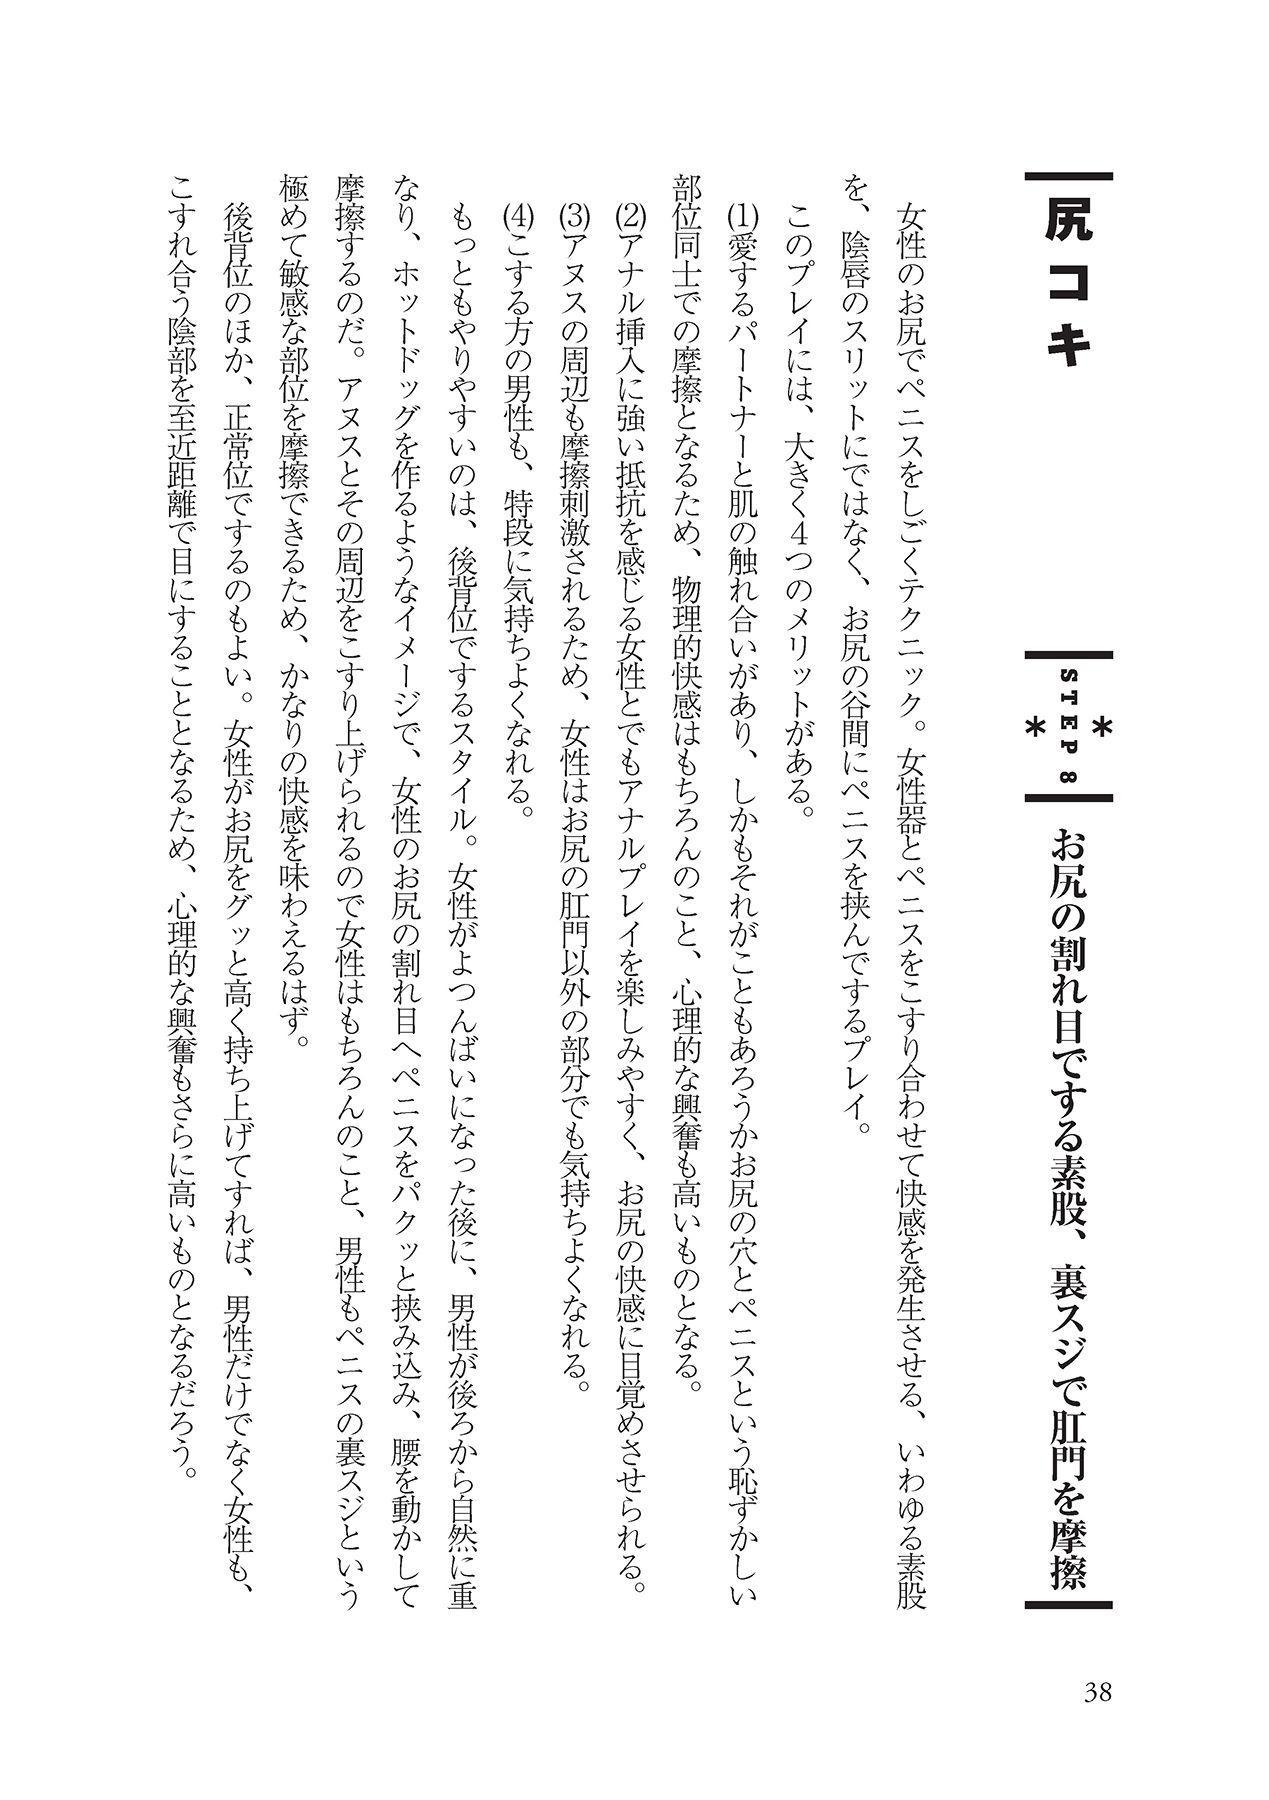 アナル性感開発・お尻エッチ 完全マニュアル 39